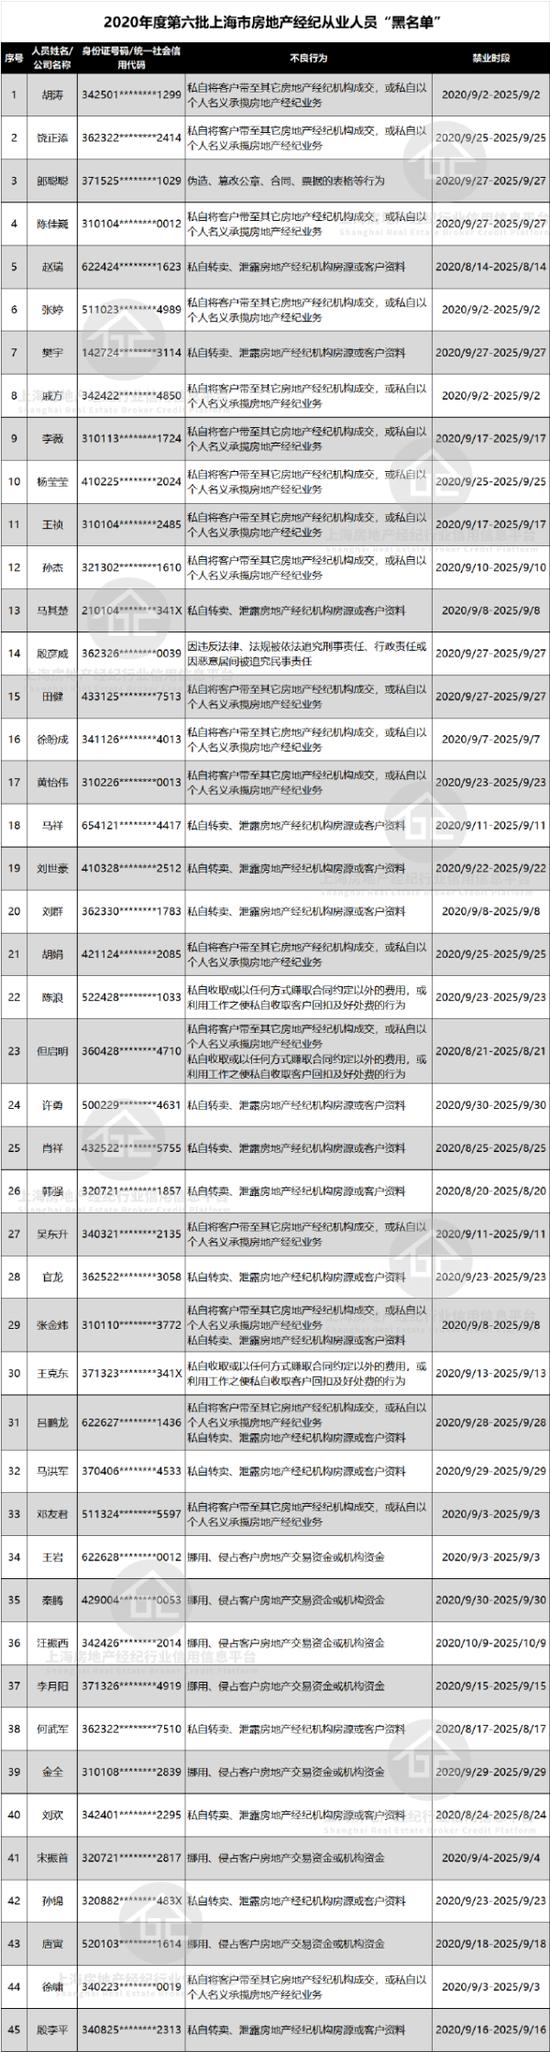 又一批上海房地产经纪从业人员黑名单公示 共涉及45人